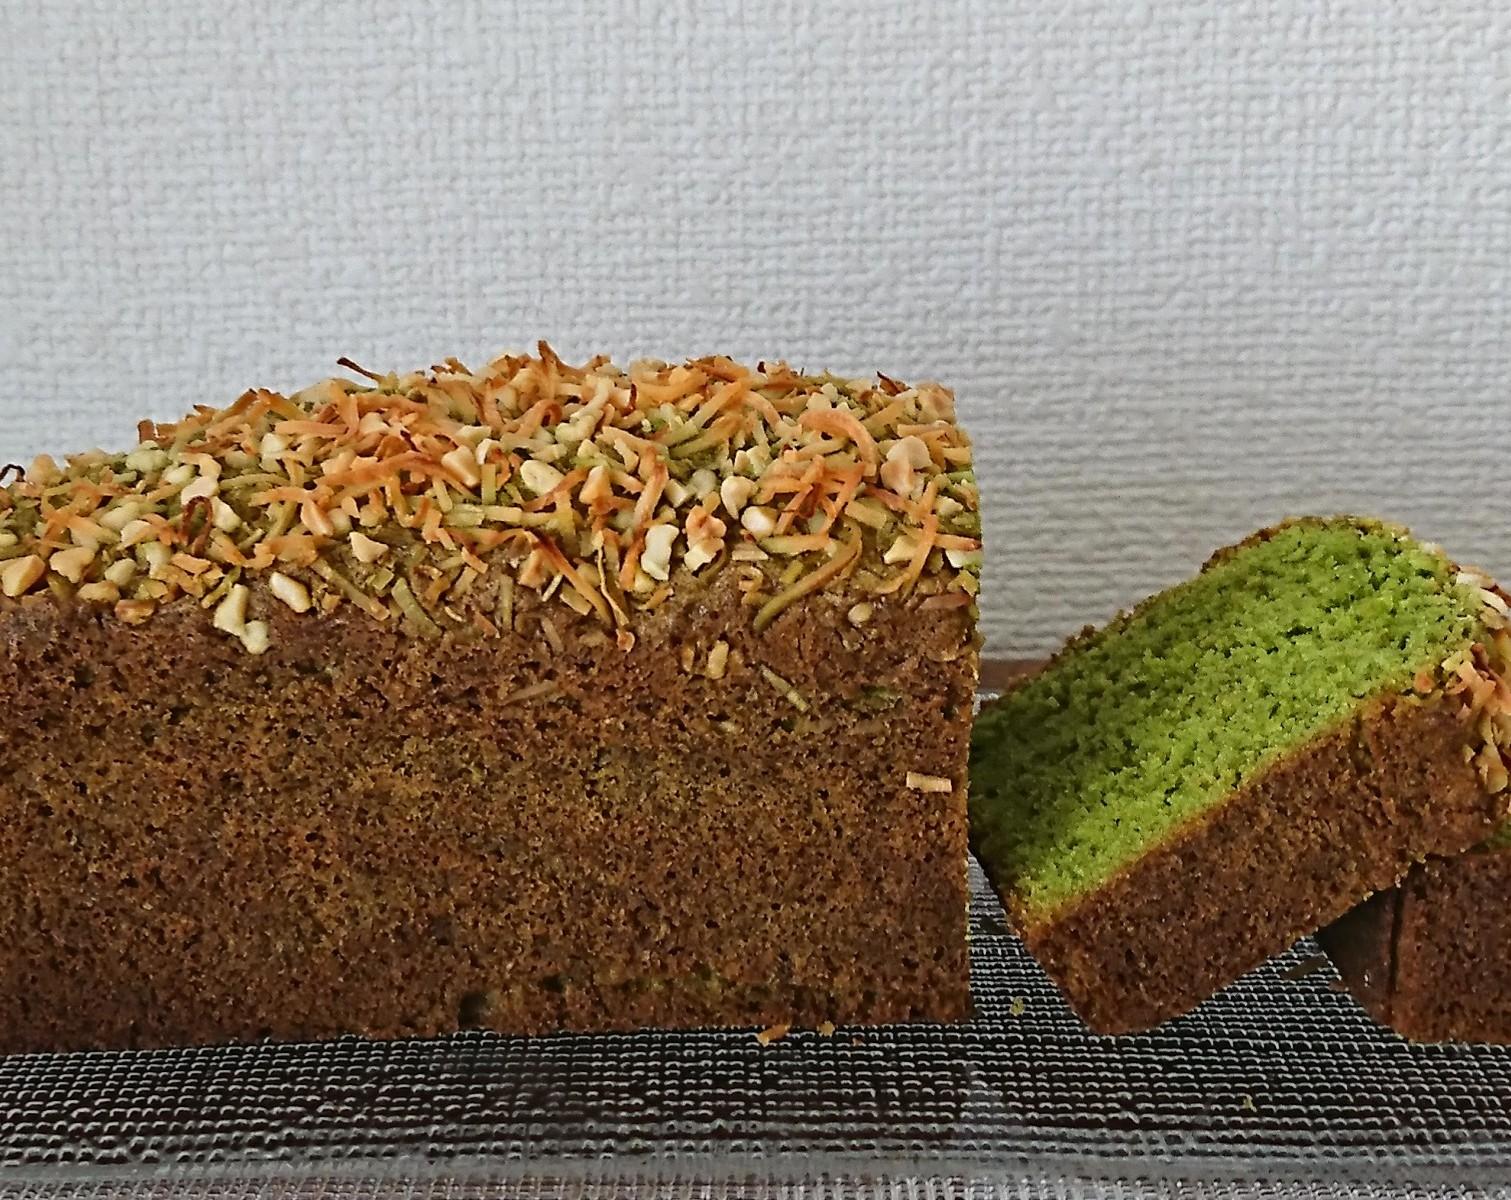 トップにココナッツがのった抹茶のパウンドケーキがお皿の上に。